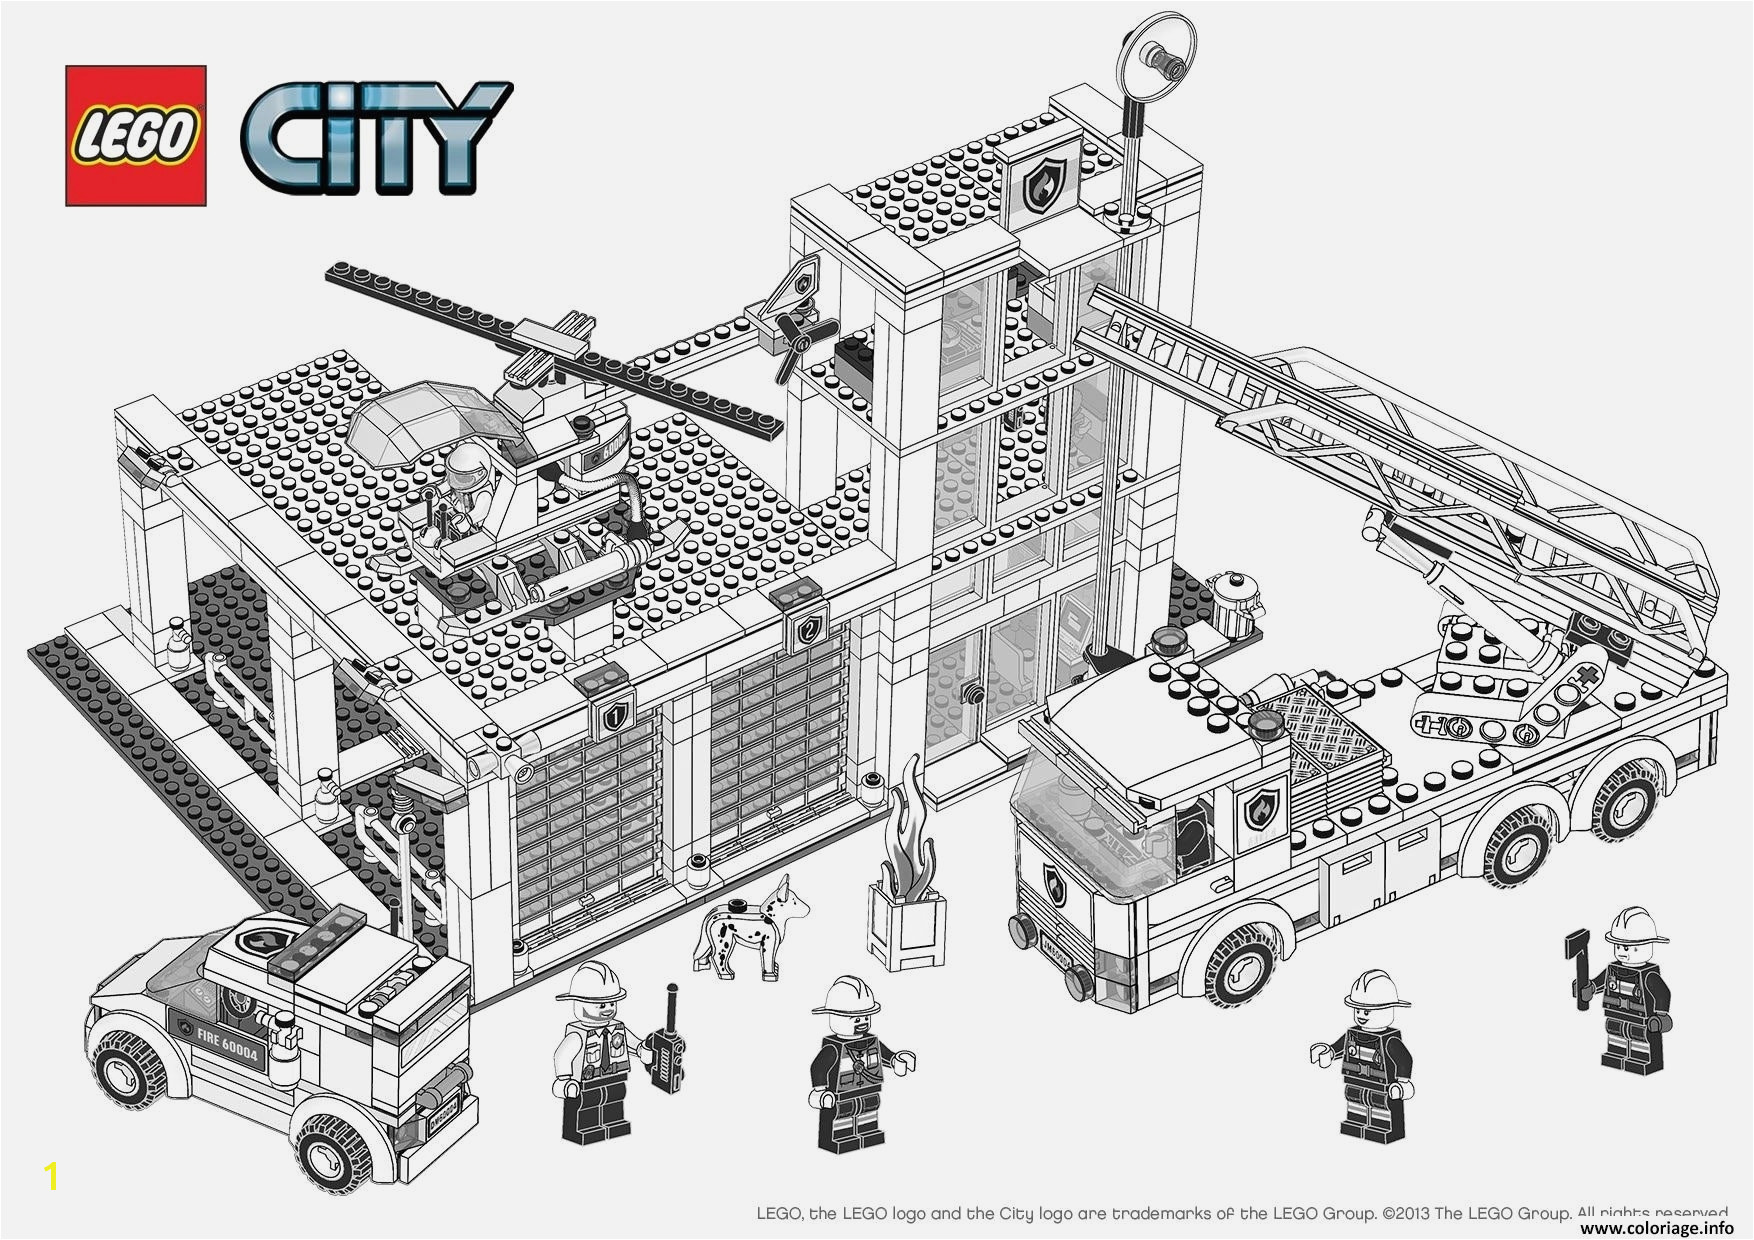 Ausmalbilder Lego City Verschiedene Bilder Färben Coloriage Lego City Coloriage Lego Police Coloriage Lego City